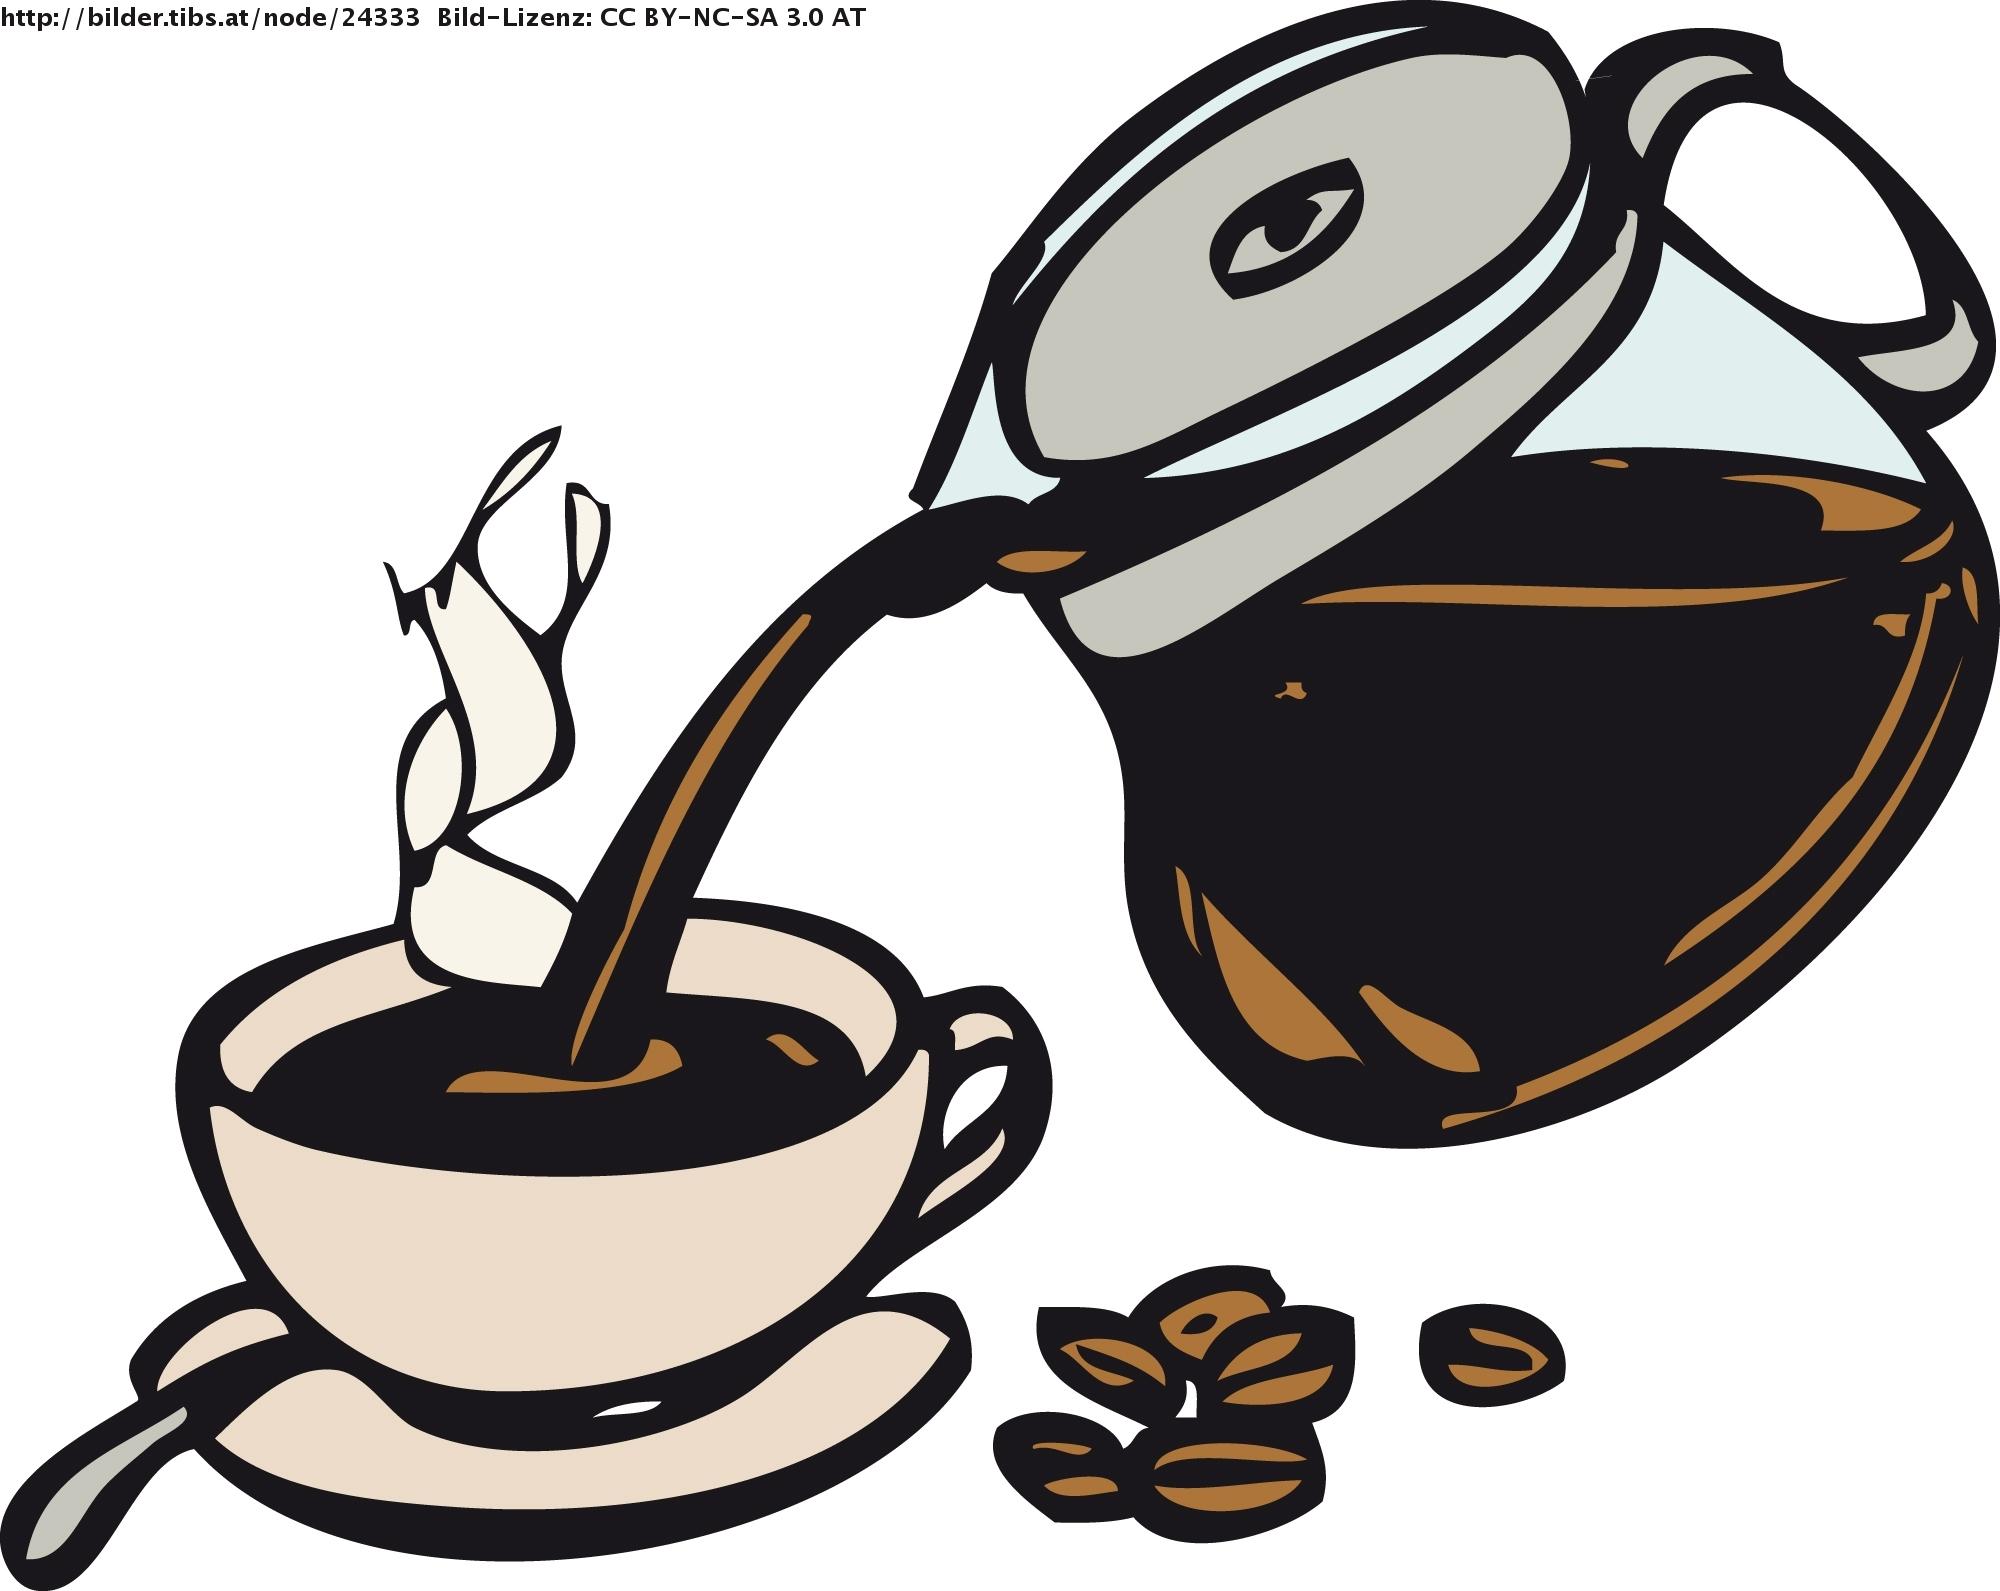 Clipart Kostenlos Kaffee Und Kuchen Unlimited Clipart Design